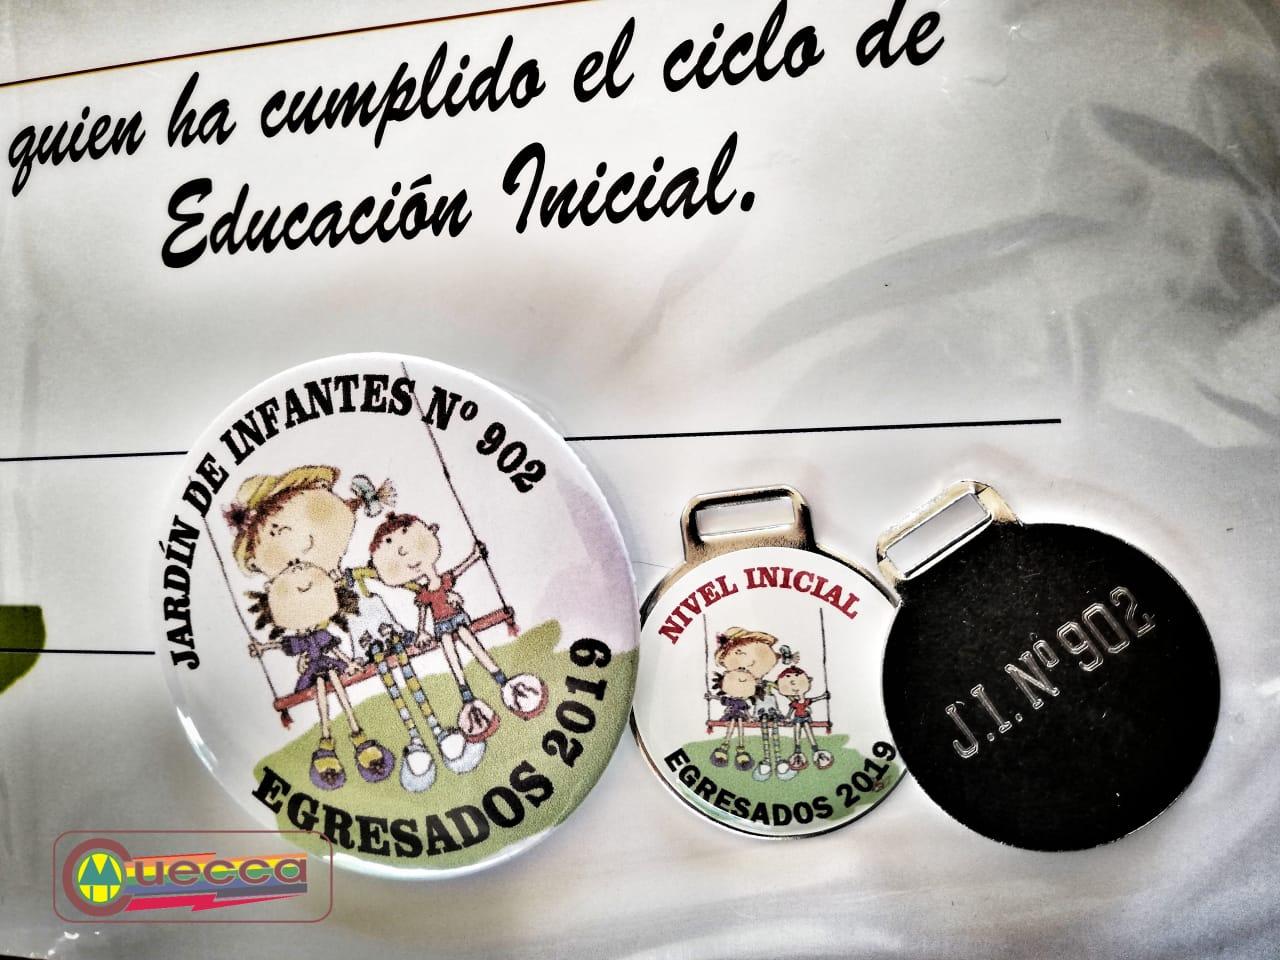 CUECCA ENTREGÓ MEDALLAS Y DIPLOMAS CIERRE DE CICLO LECTIVO AL JARDÍN 902